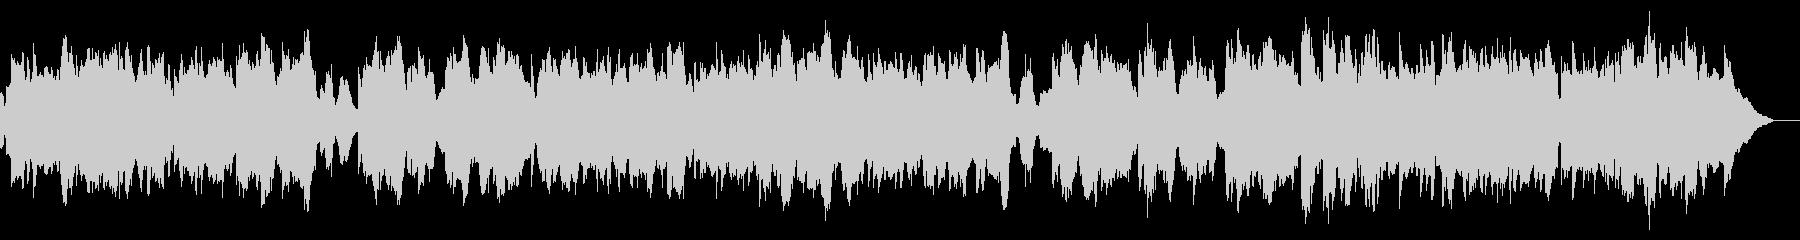 ゆったりとしたエレピソロ曲の未再生の波形